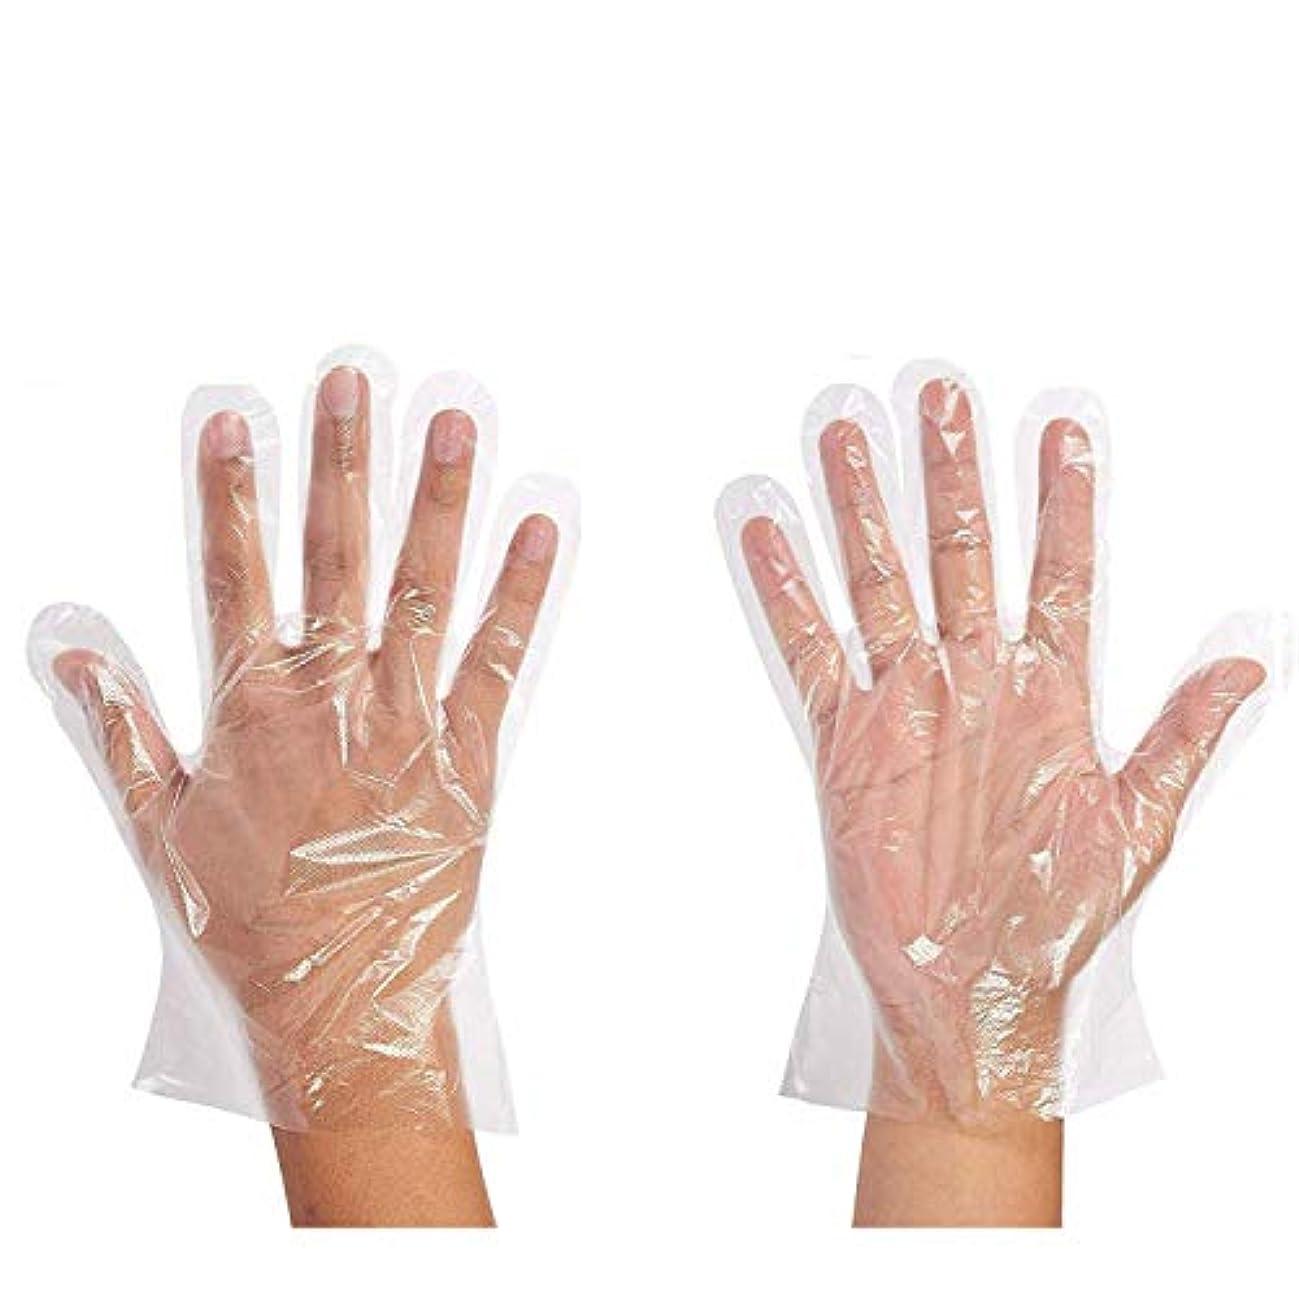 滅多幸福納屋500枚セット使い捨て手袋 ポリエチレン 極薄ビニール手袋 実用 衛生 極薄手袋毛染めに 調理に お掃除に 透明